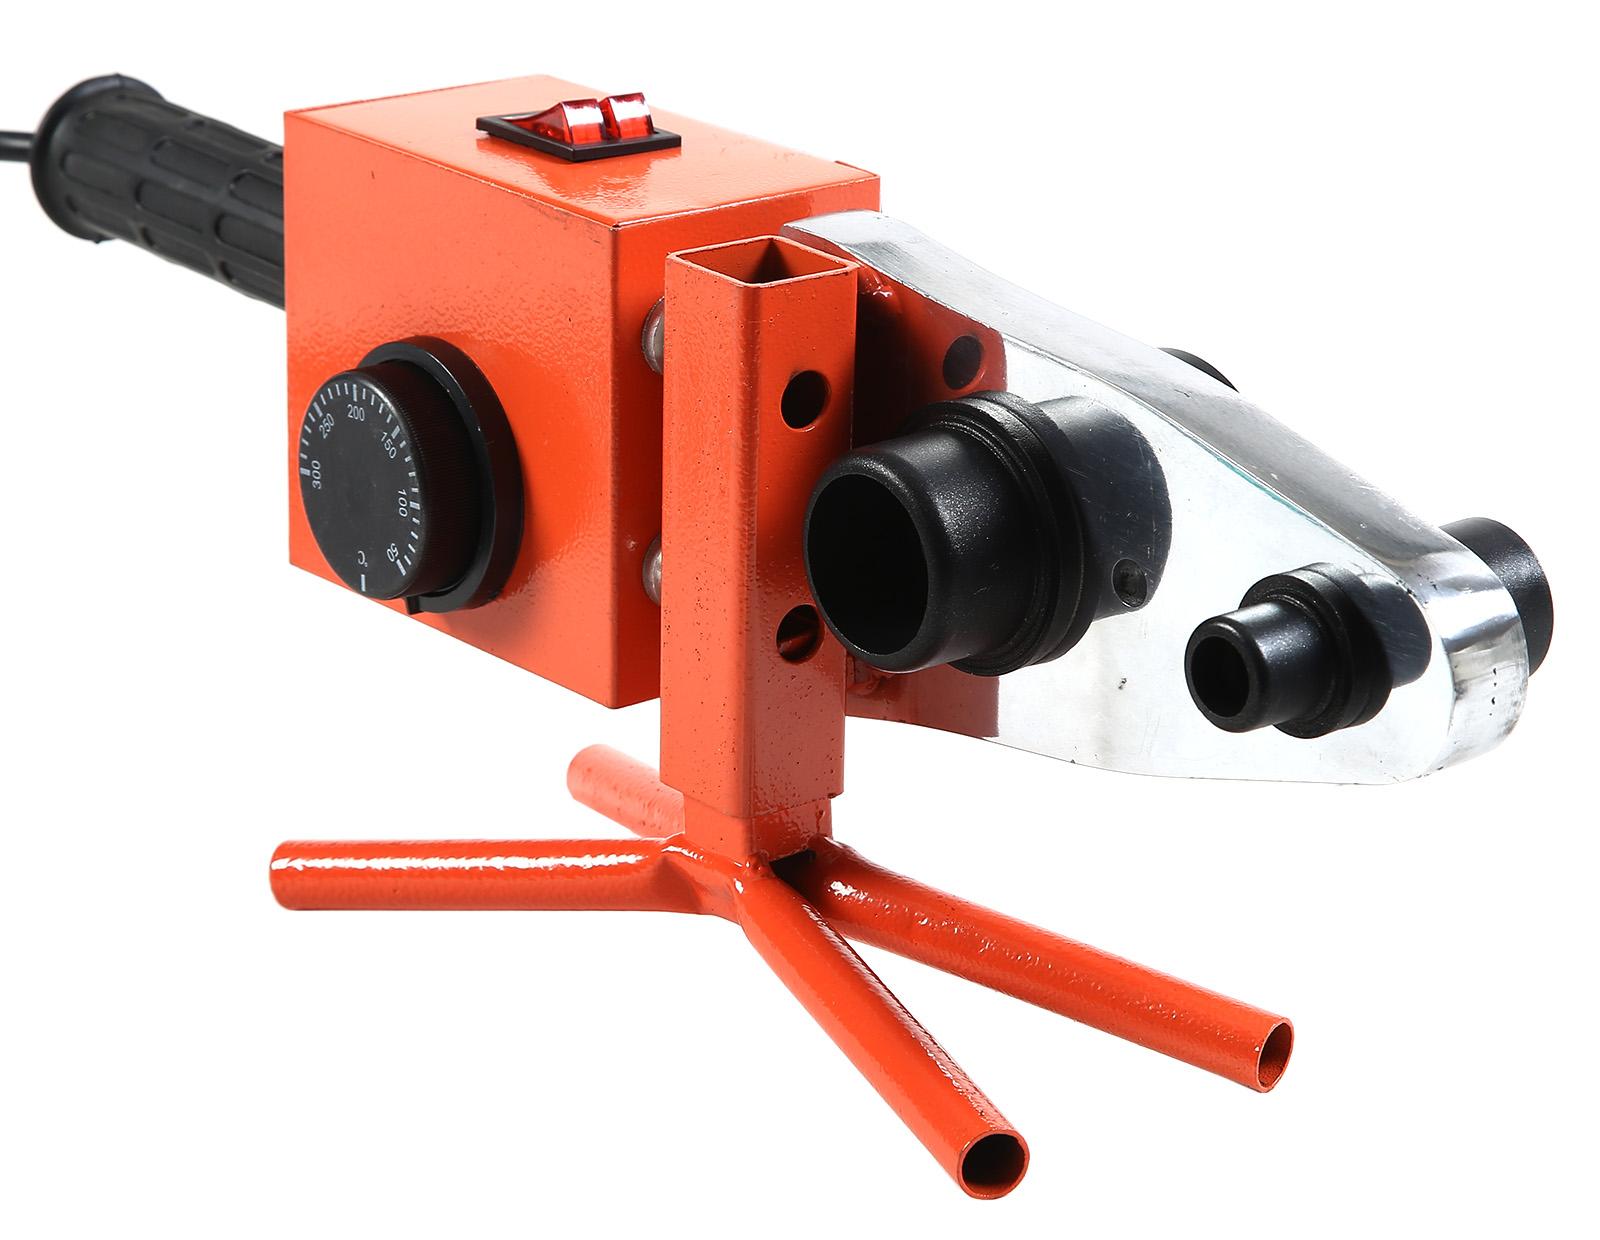 Аппарат для сварки пластиковых труб Aqua-s 20-40 АМ-40 куплю аппарат для изготовления пончиков